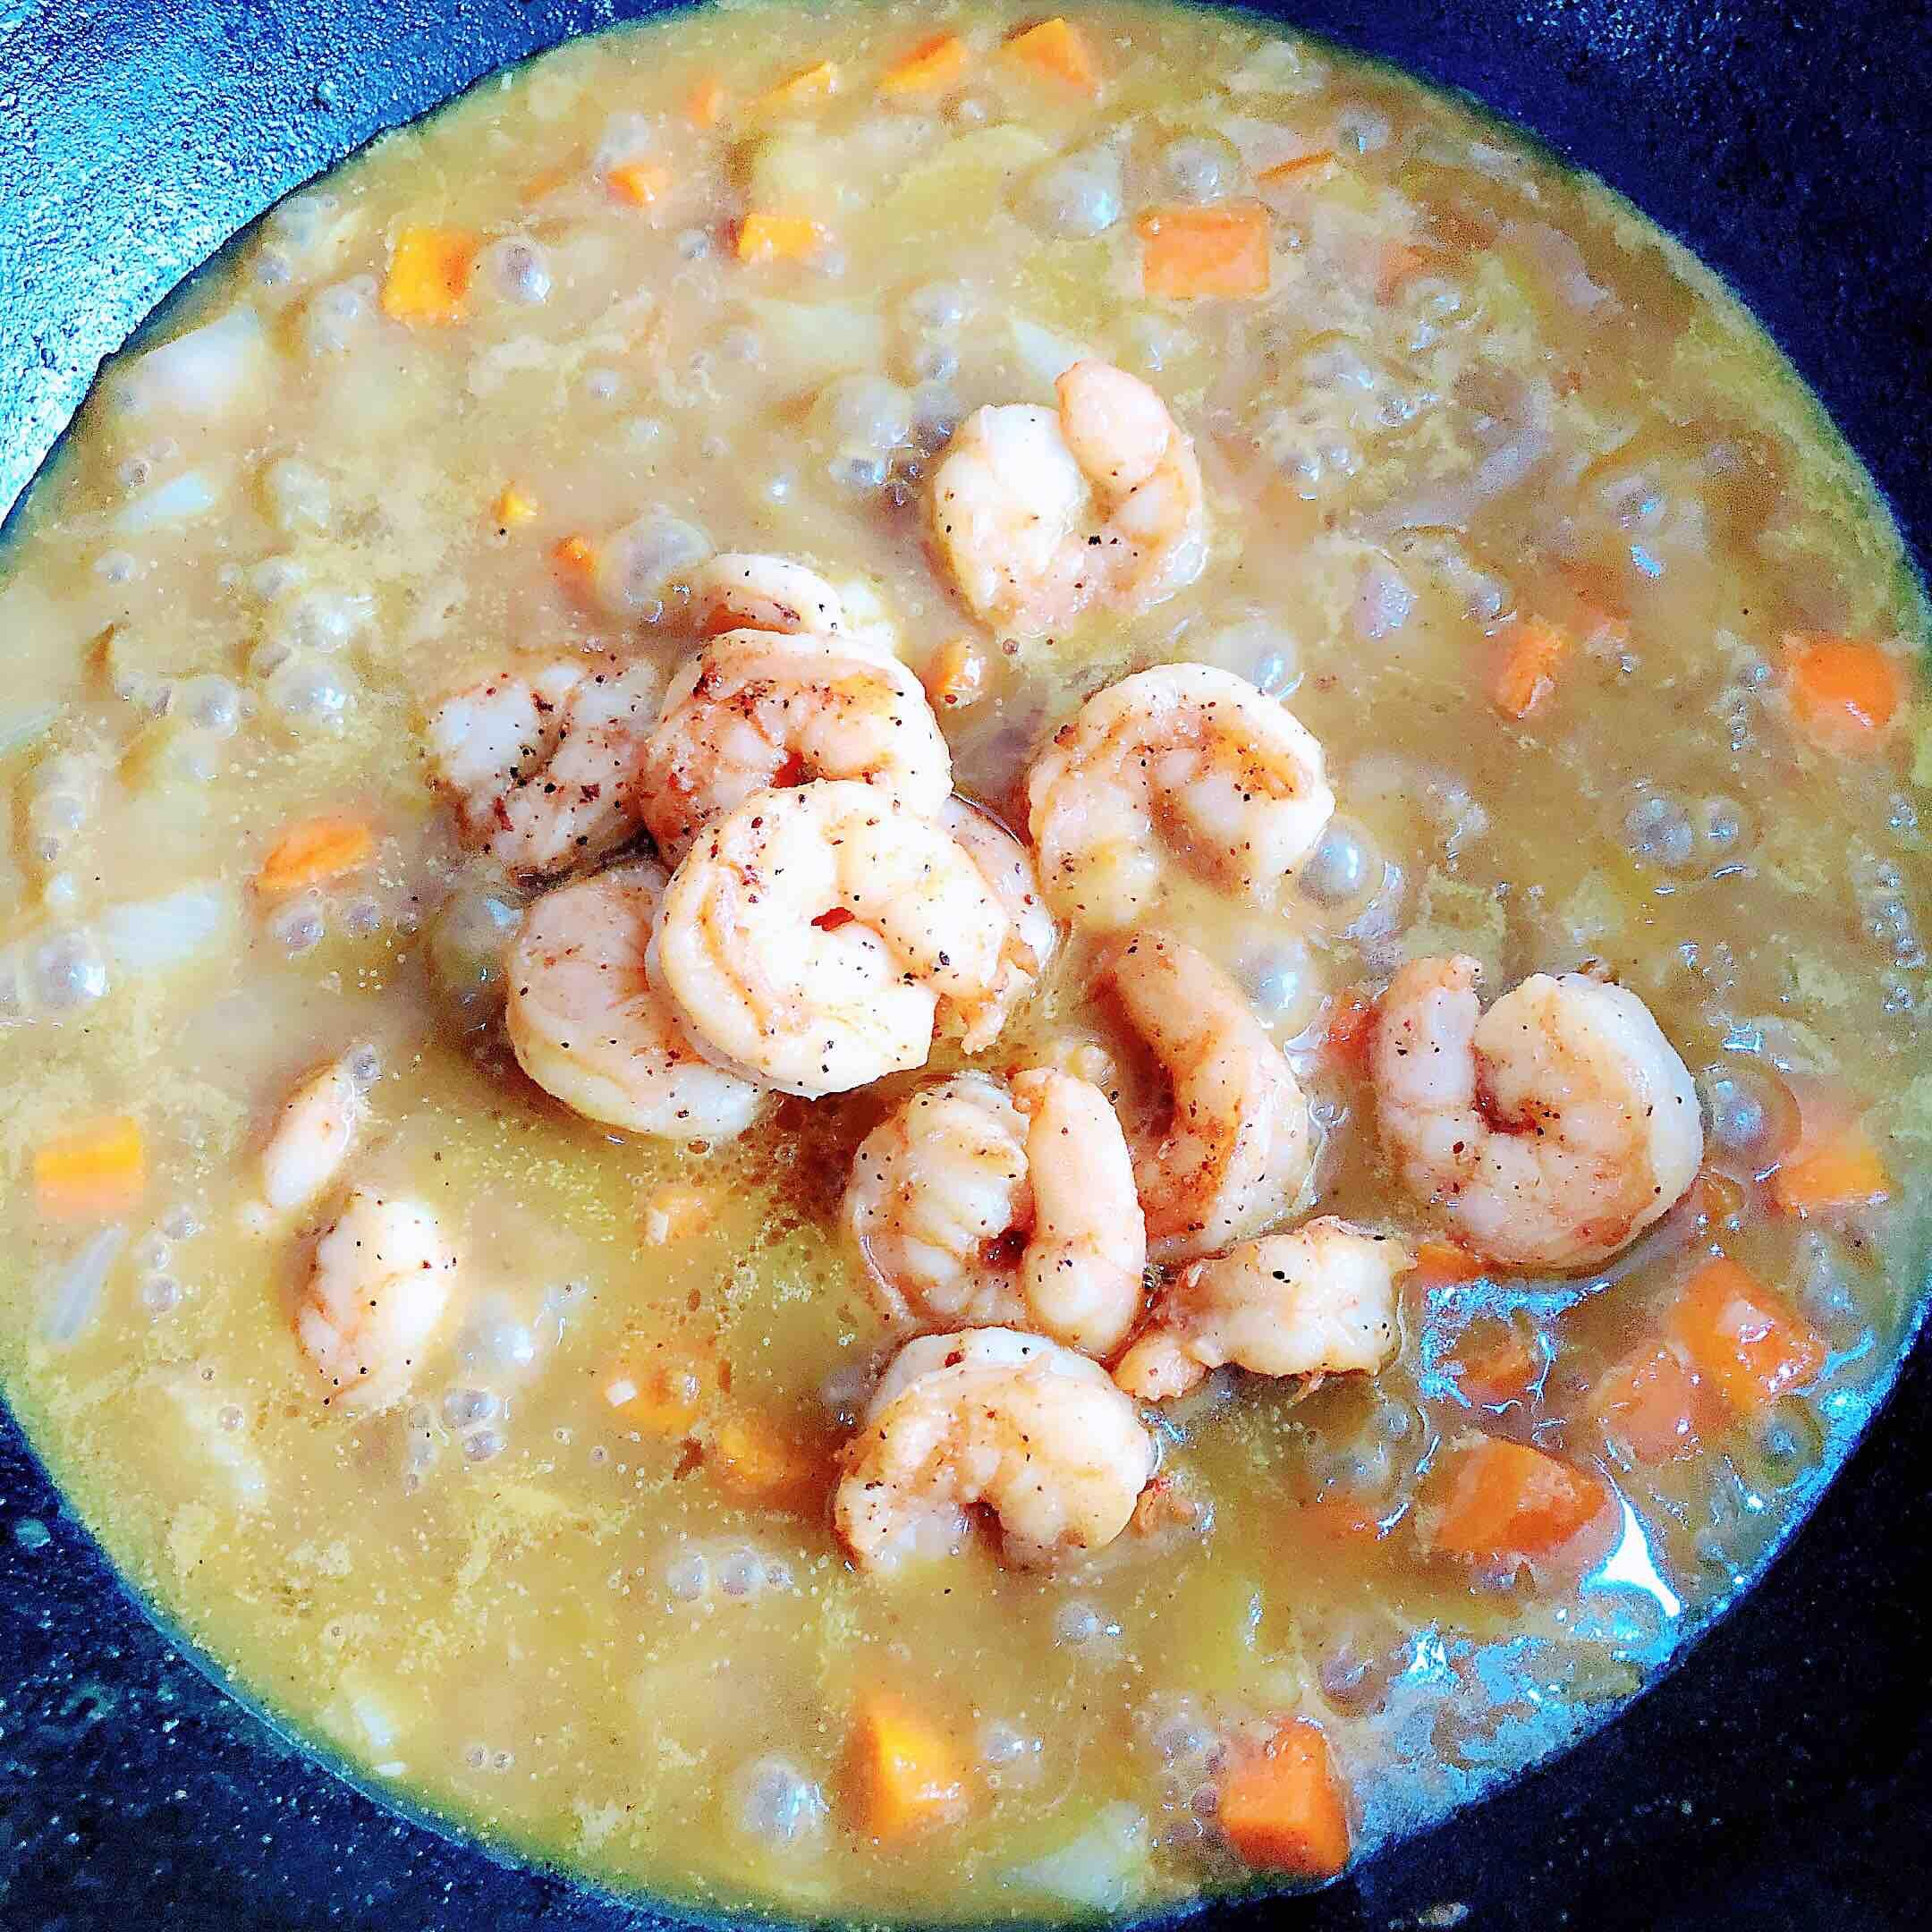 咖喱虾仁鲜蔬意面的制作